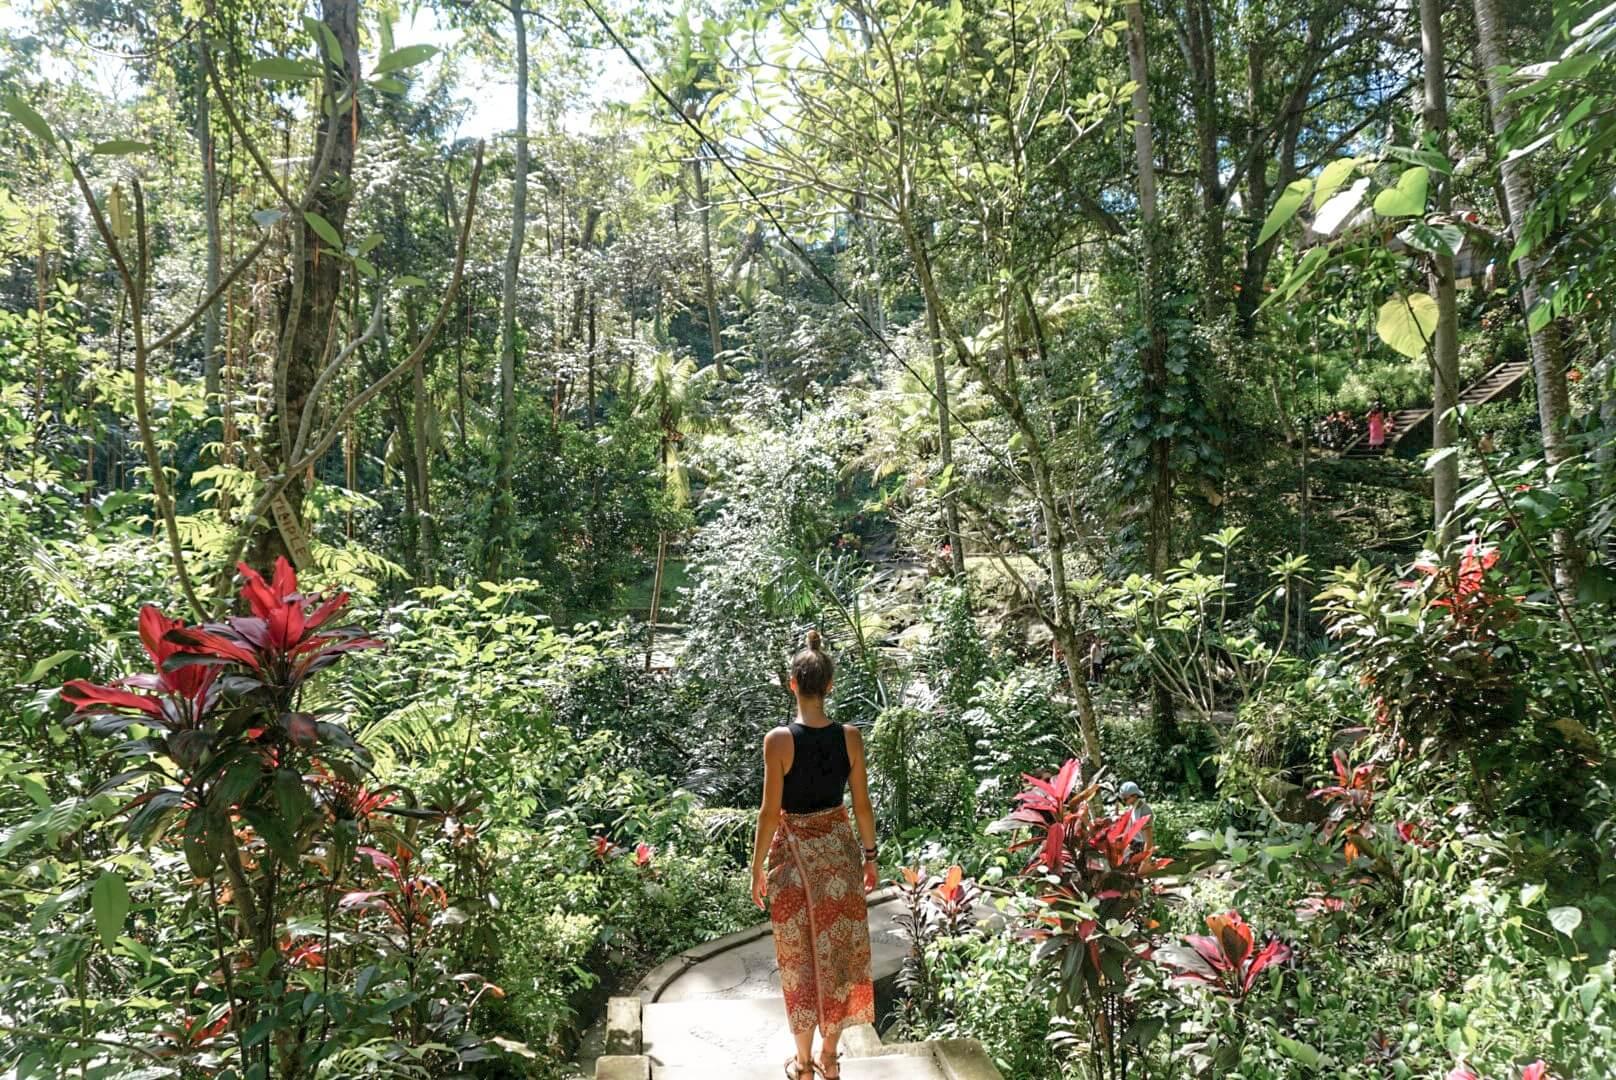 Visiter le parc du temple Goa Gajah Ubud Bali